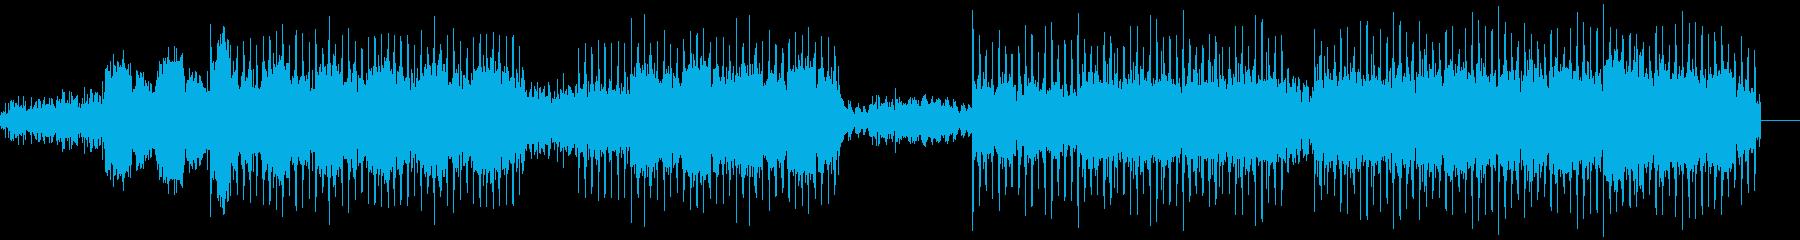 映画トレーラー サスペンス シリアスの再生済みの波形